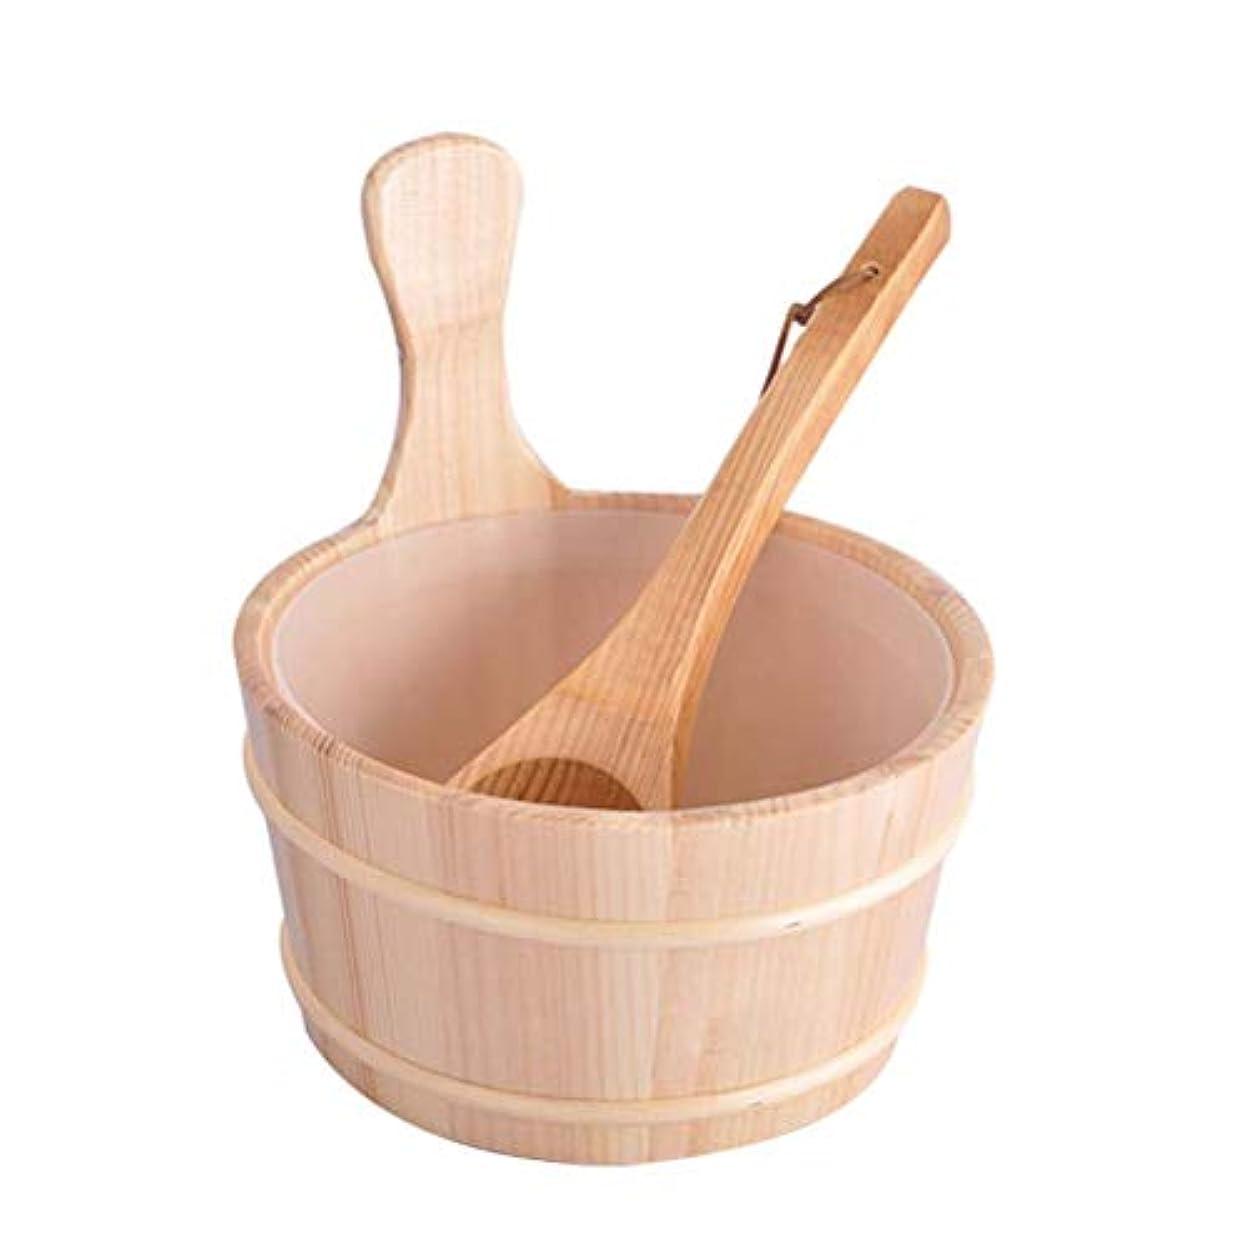 タブレット代数大気Healifty 2個入りサウナ木製バケツとひしゃくキットサウナとサウナルーム用のライナー付きスパバケット(ニュートラルスタイル)